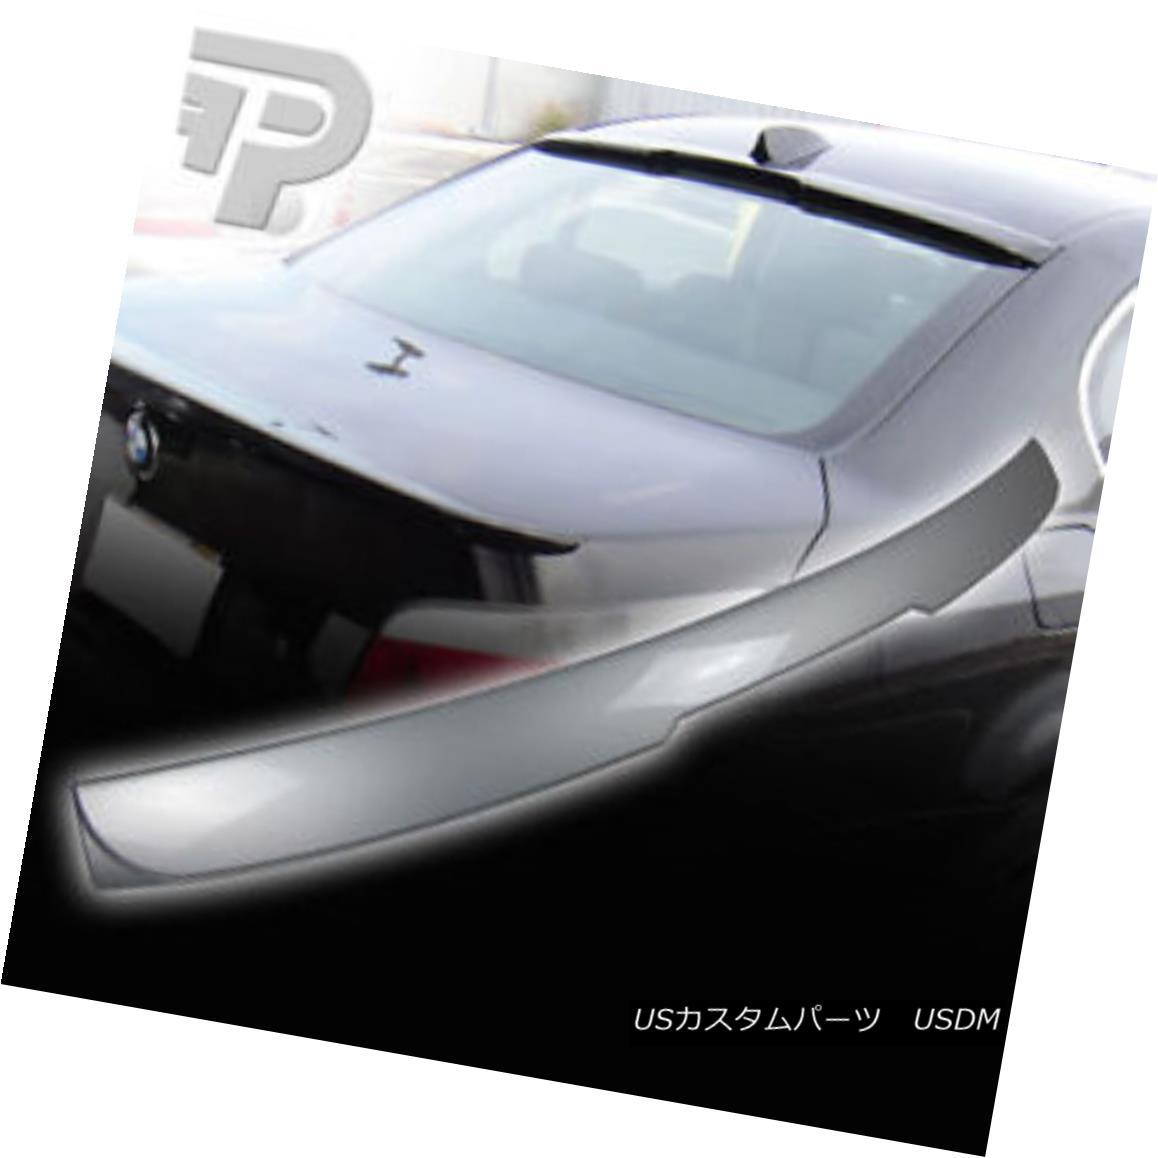 エアロパーツ PAINTED BMW E60 REAR ROOF SPOILER 4DR SALOON SEDAN A 354 SILVER ▼ 塗装BMW E60リアルーフスポイラー4DRサロンセダンA 354シルバー?